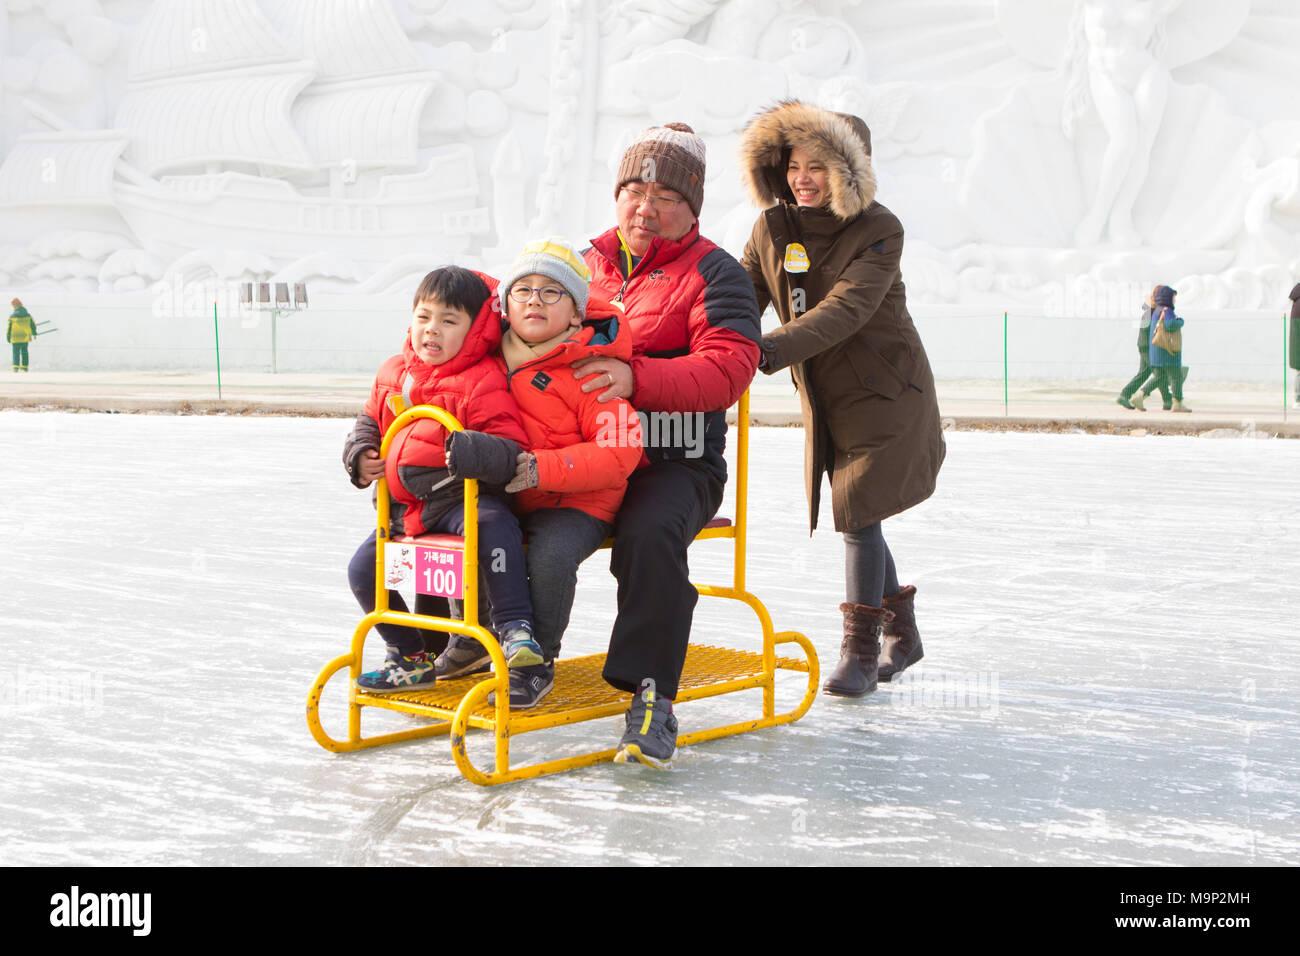 Una famiglia asiatica si diverte su una slitta di gruppo a un fiume congelato. Il Hwacheon Sancheoneo Festival di ghiaccio è una tradizione per il popolo coreano. Ogni anno nel mese di gennaio la folla si riuniranno presso il fiume congelato per celebrare il freddo e la neve dell'inverno. Attrazione principale è la pesca sul ghiaccio. Giovani e vecchi attendere pazientemente su un piccolo buco nel ghiaccio per una trota di mordere. In tende possono lasciare il pesce grigliato dopo che loro sono mangiati. Tra le altre attività sono corse in slittino e pattinaggio sul ghiaccio. La vicina regione Pyeongchang ospiterà le Olimpiadi Invernali nel febbraio 2018. Immagini Stock